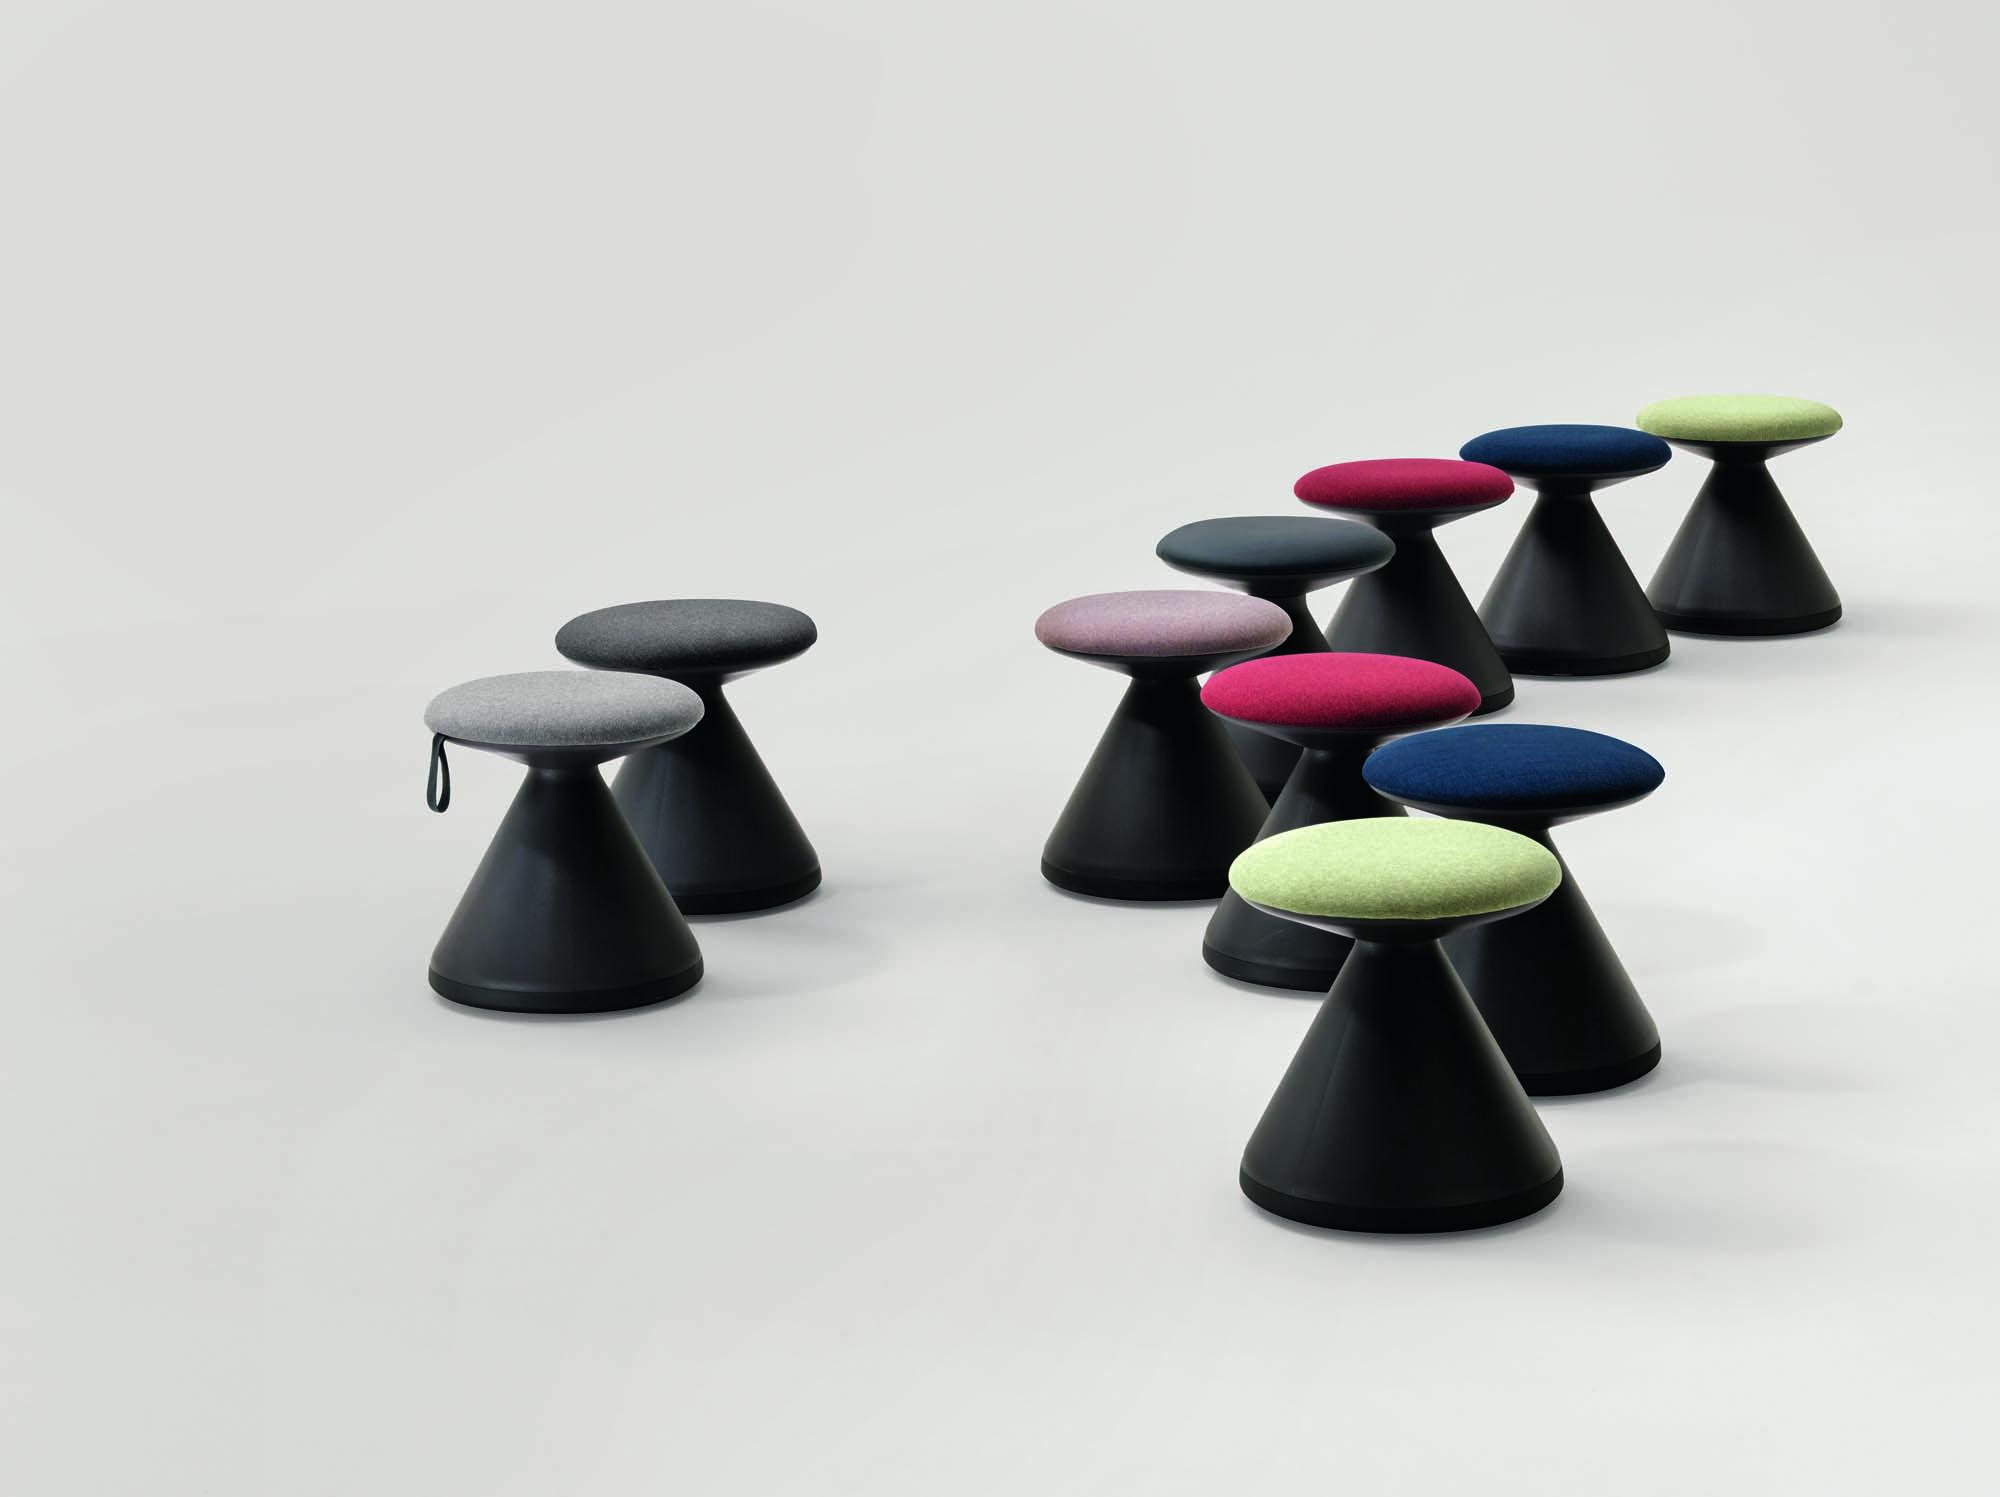 Fungus ambientata 01 - Le nouveau fauteuil FUNGUS by Milani est arrivé!